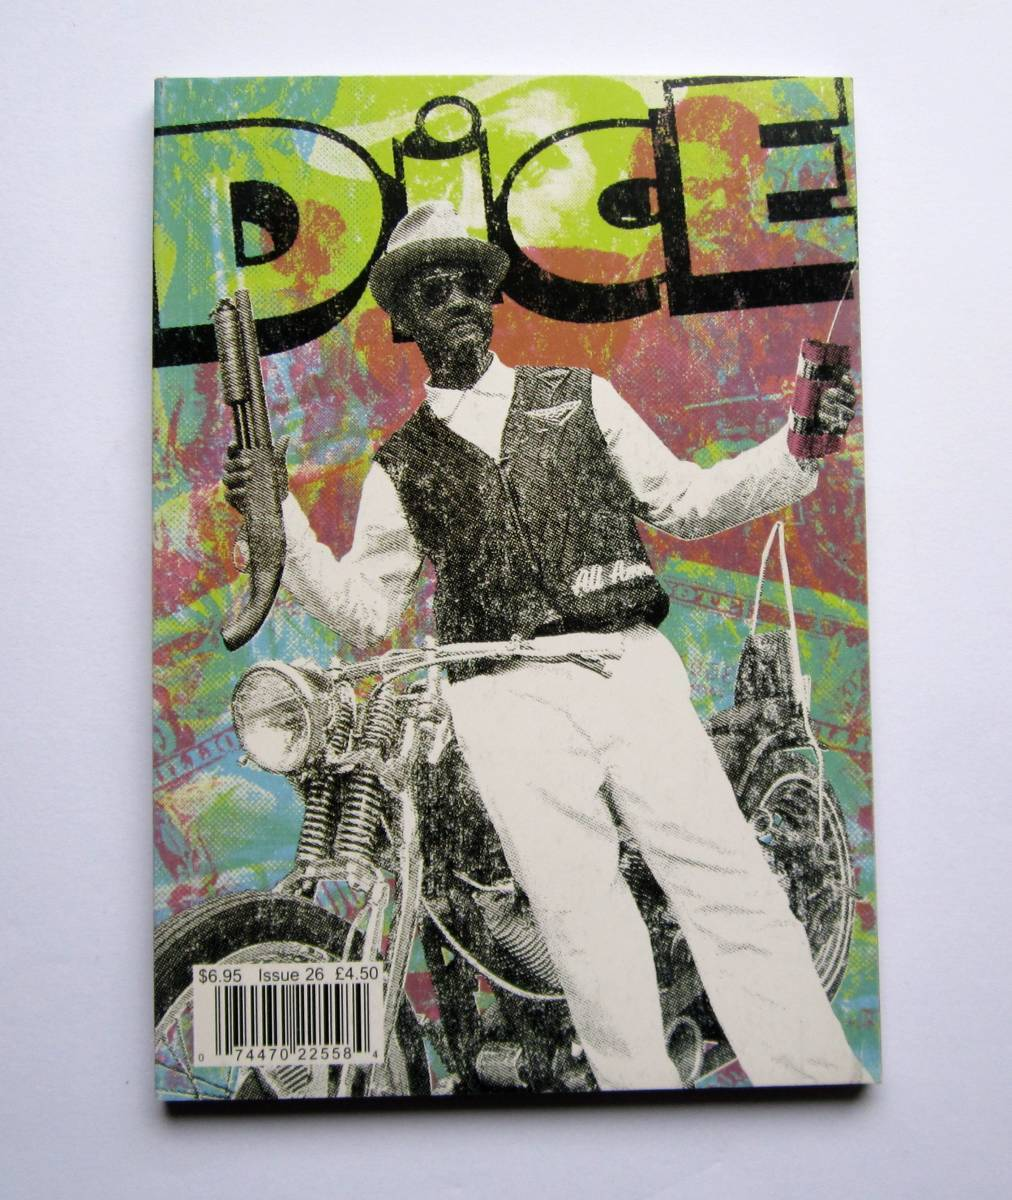 DicE Magazine ISSUE 26 ダイスマガジン 26 チョッパー ハーレー USA_画像1